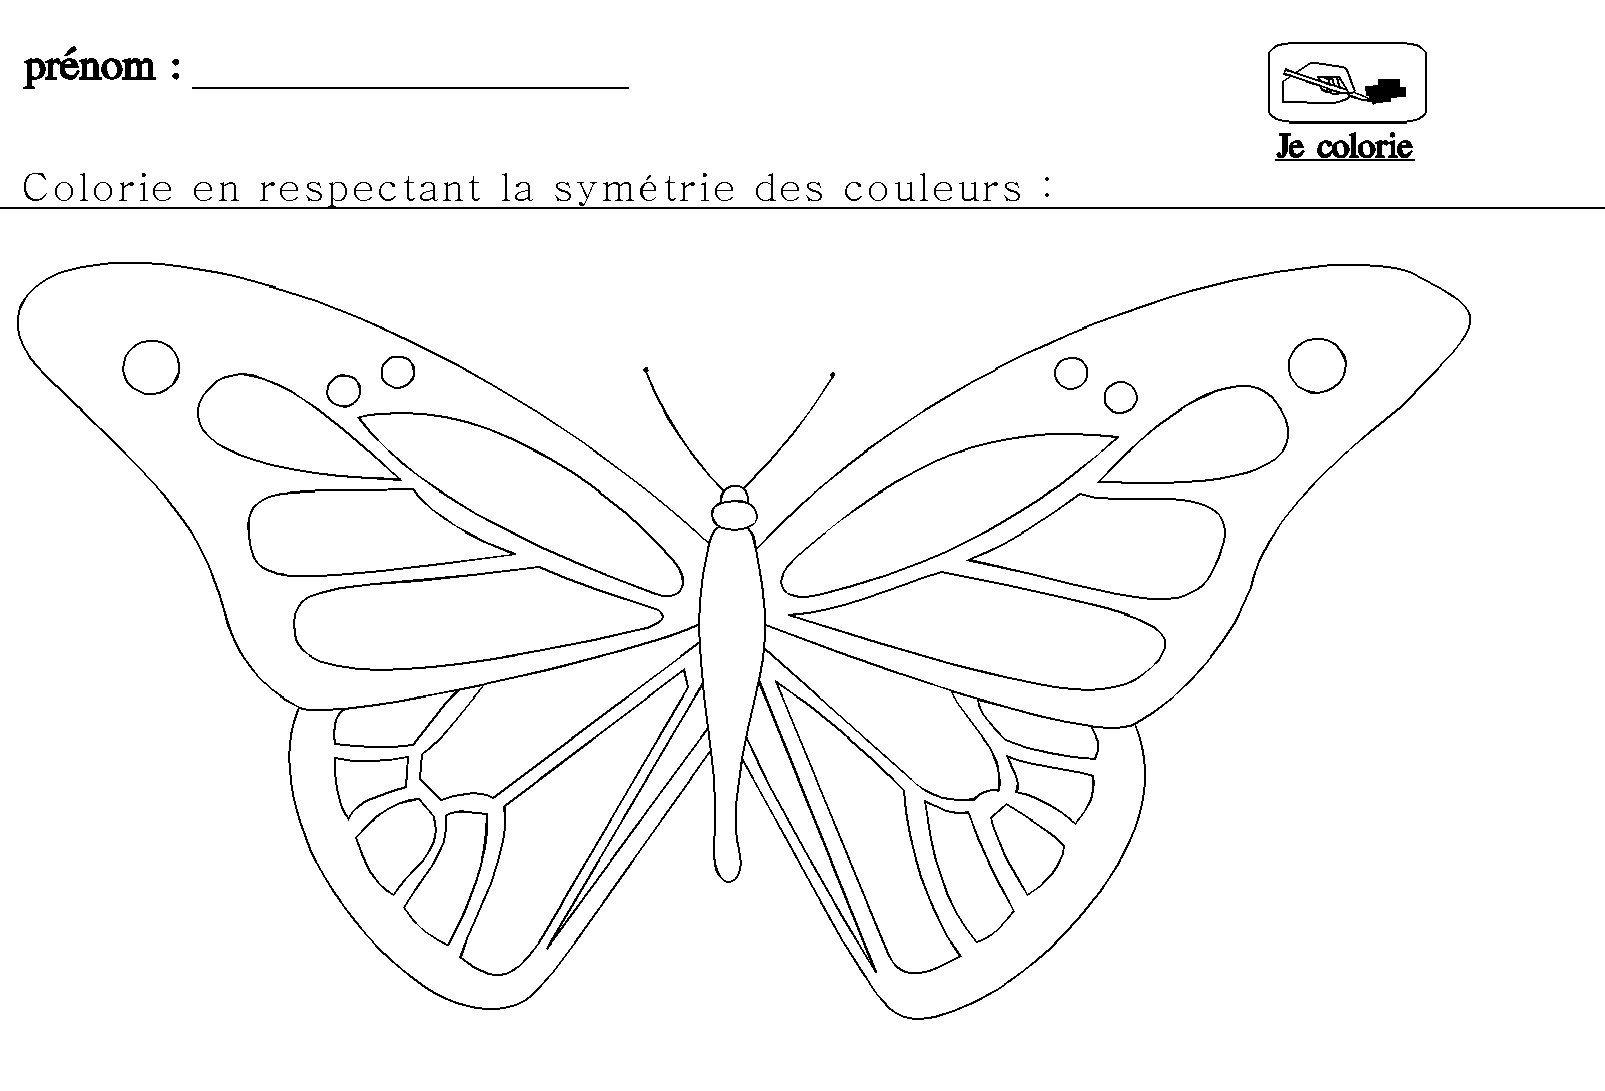 La Symétrie En Maternelle Pour Grande Section | Grande tout Dessin Symétrique A Imprimer